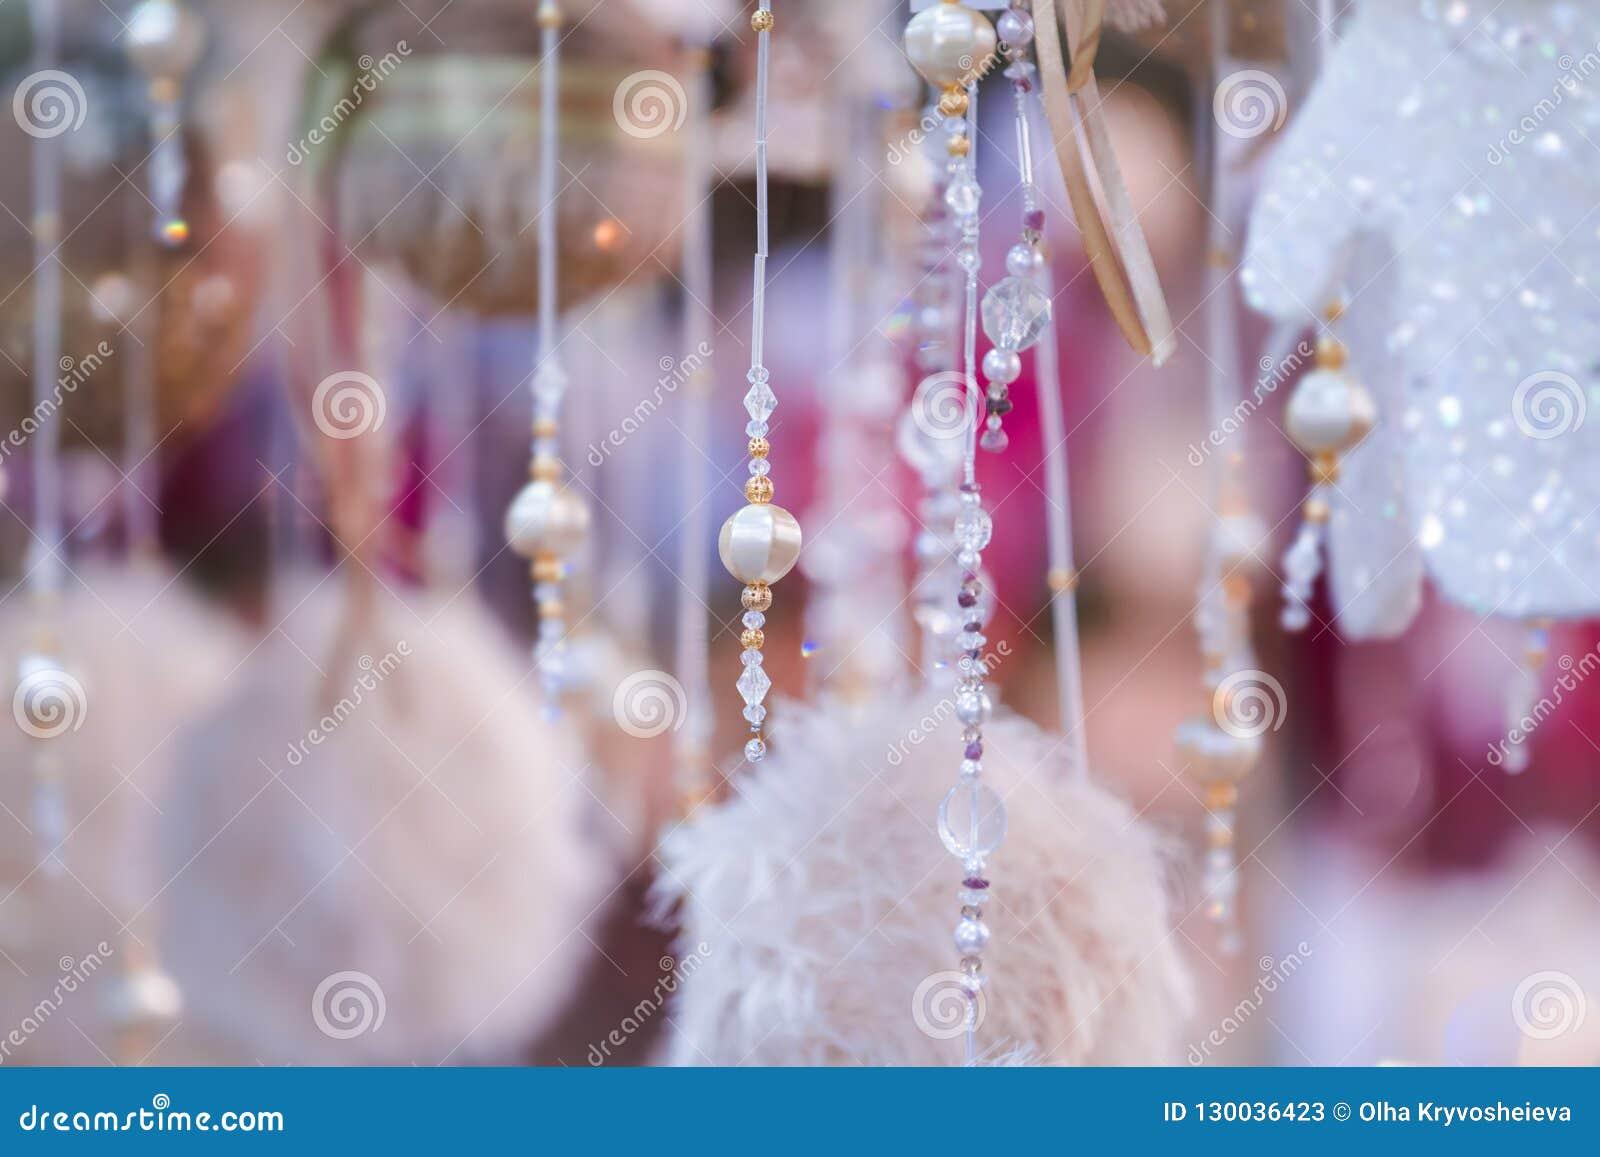 与小珠的抽象圣诞节背景 新年逗人喜爱的纹理